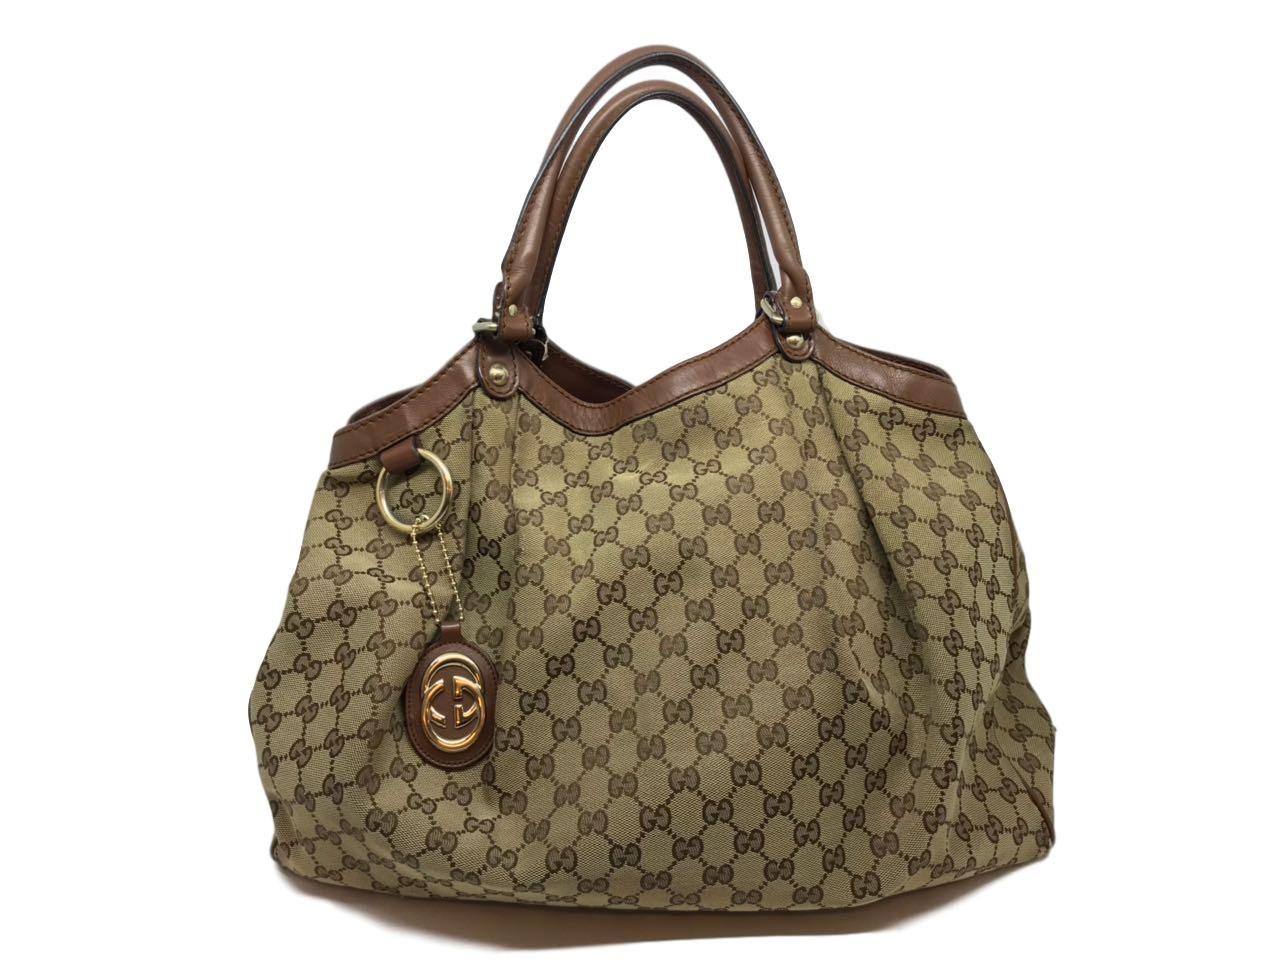 ec05b3c3a Bolsa Balenciaga Cinza - Paula Frank | Bolsas de luxo originais ...